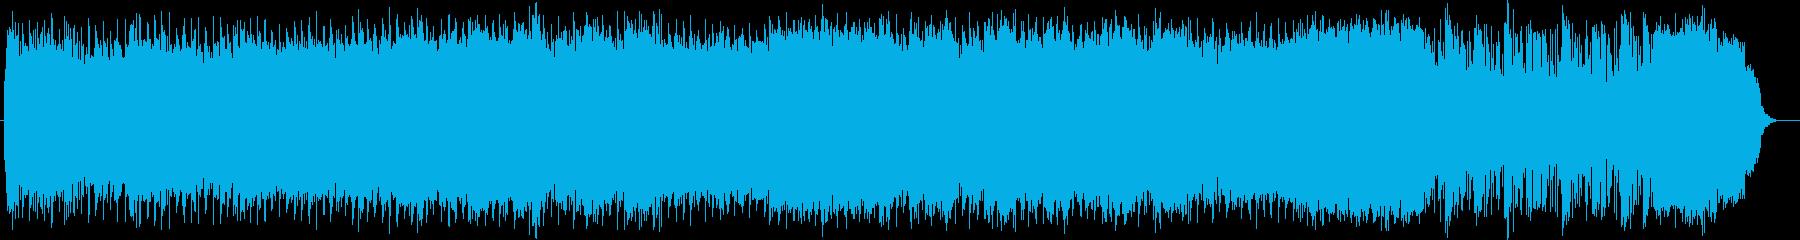 激しく疾走感のあるリズムのハードロックの再生済みの波形